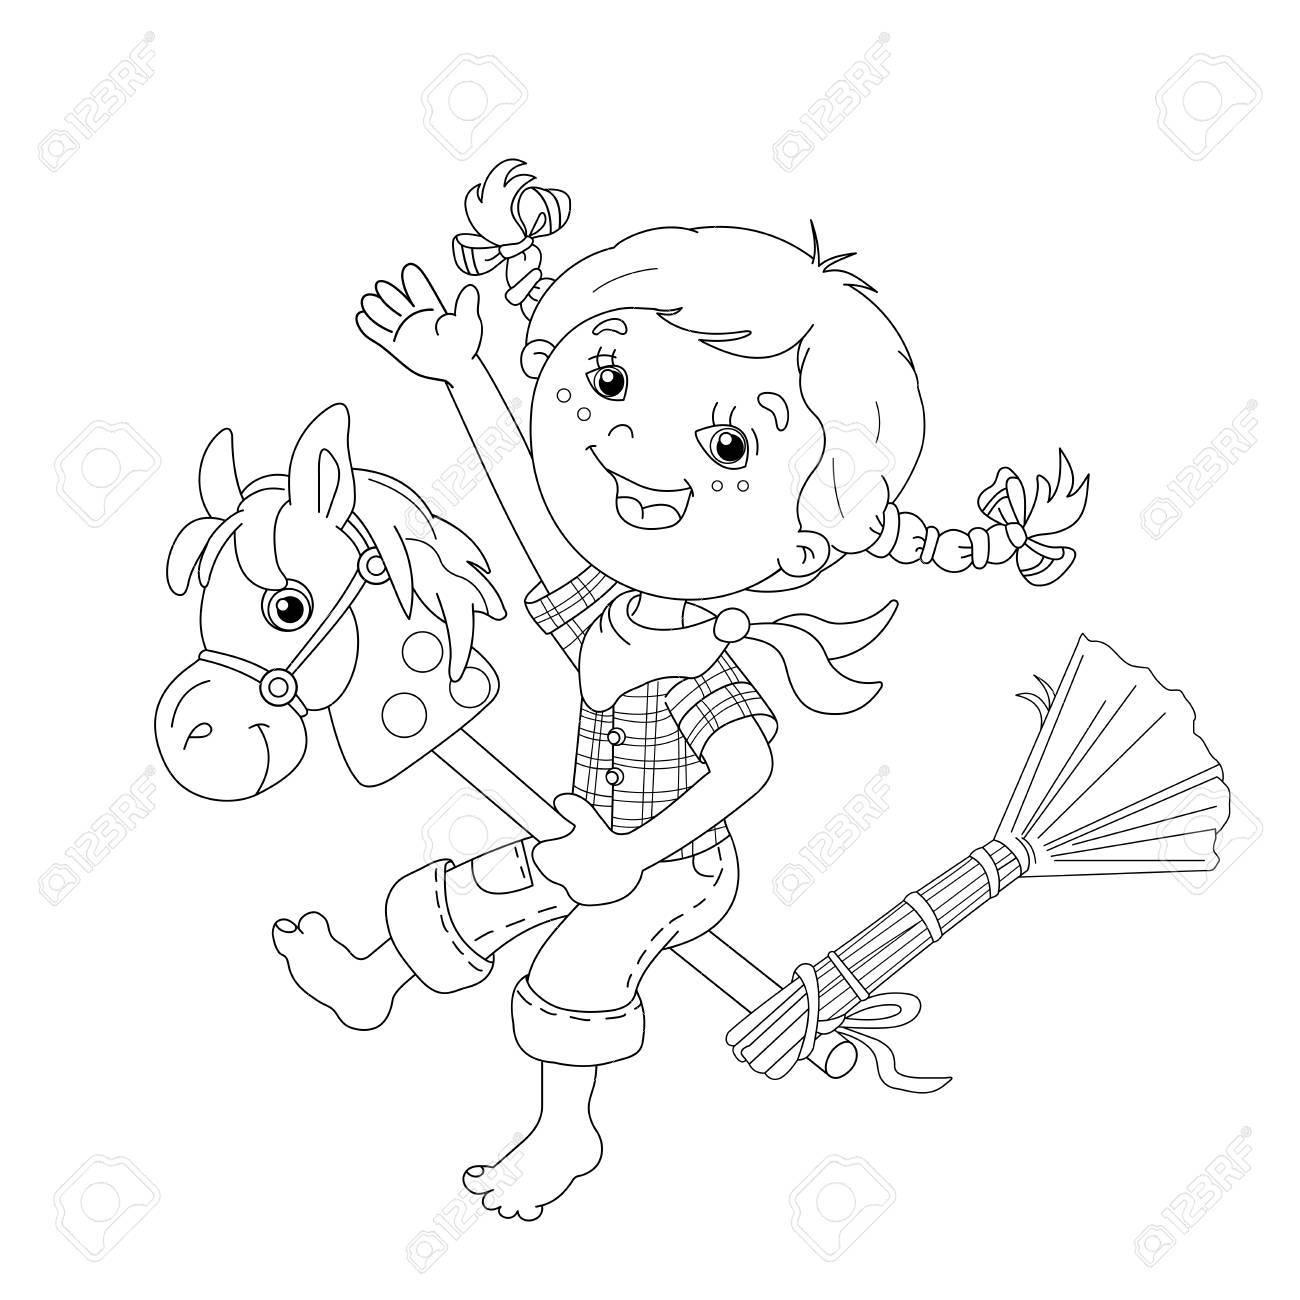 Página Para Colorear Esquema De La Chica De Dibujos Animados Que Juega Vaquero Con El Caballo Del Juguete Libro De Colorear Para Niños